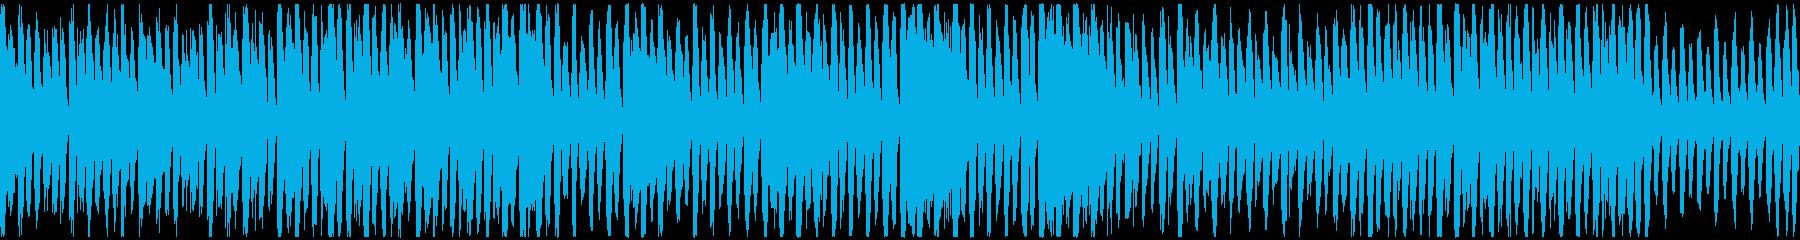 会話パートピッタリ!な和やかなBGMの再生済みの波形